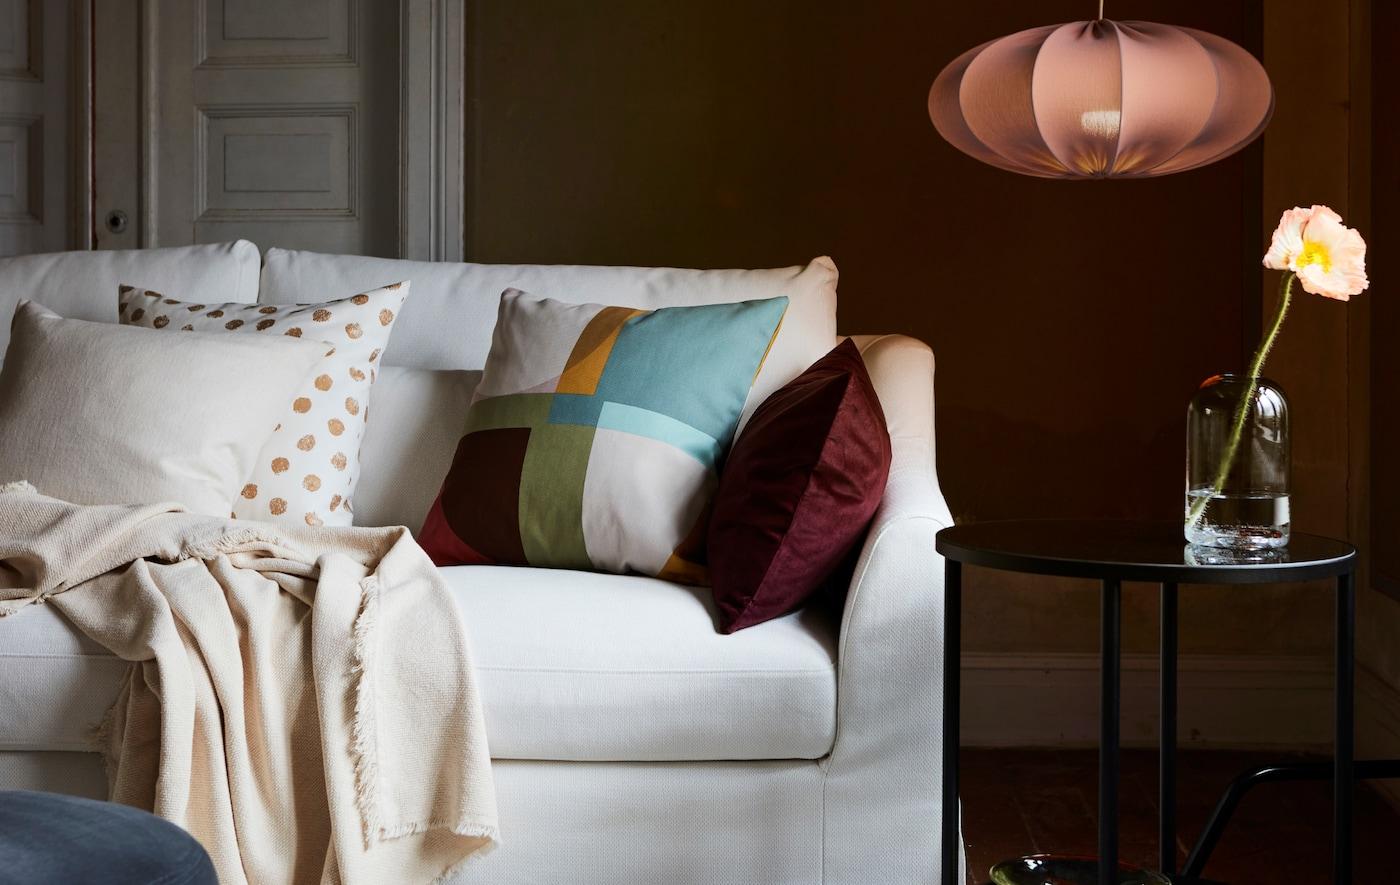 Vit soffa i ett vardagsrum med en mix av kuddar samt en pläd. Intill syns ett svart sidobord och en REGNSKUR lampa.